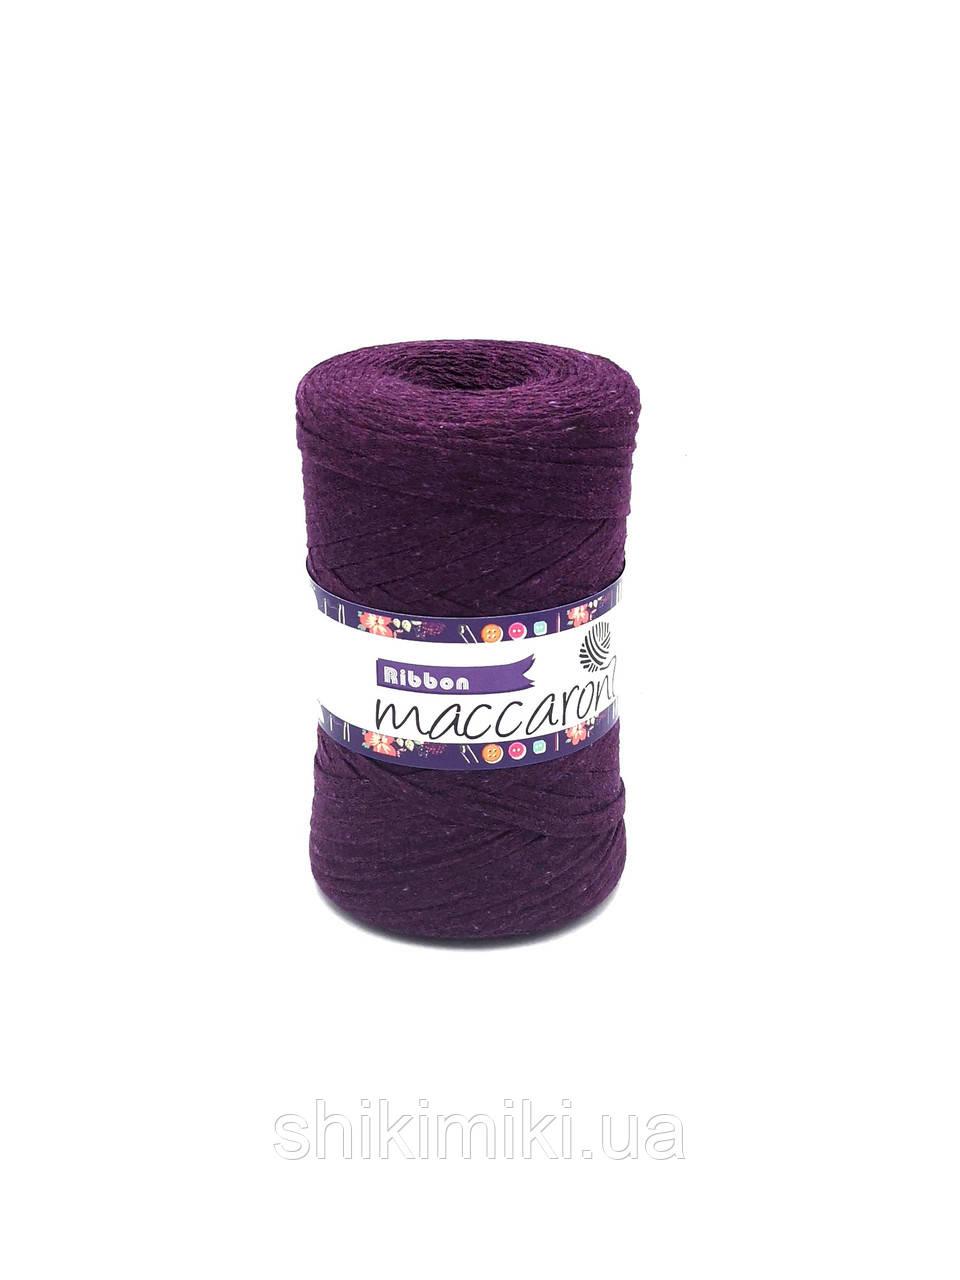 Трикотажный плоский шнур Ribbon, цвет Фиолетовый